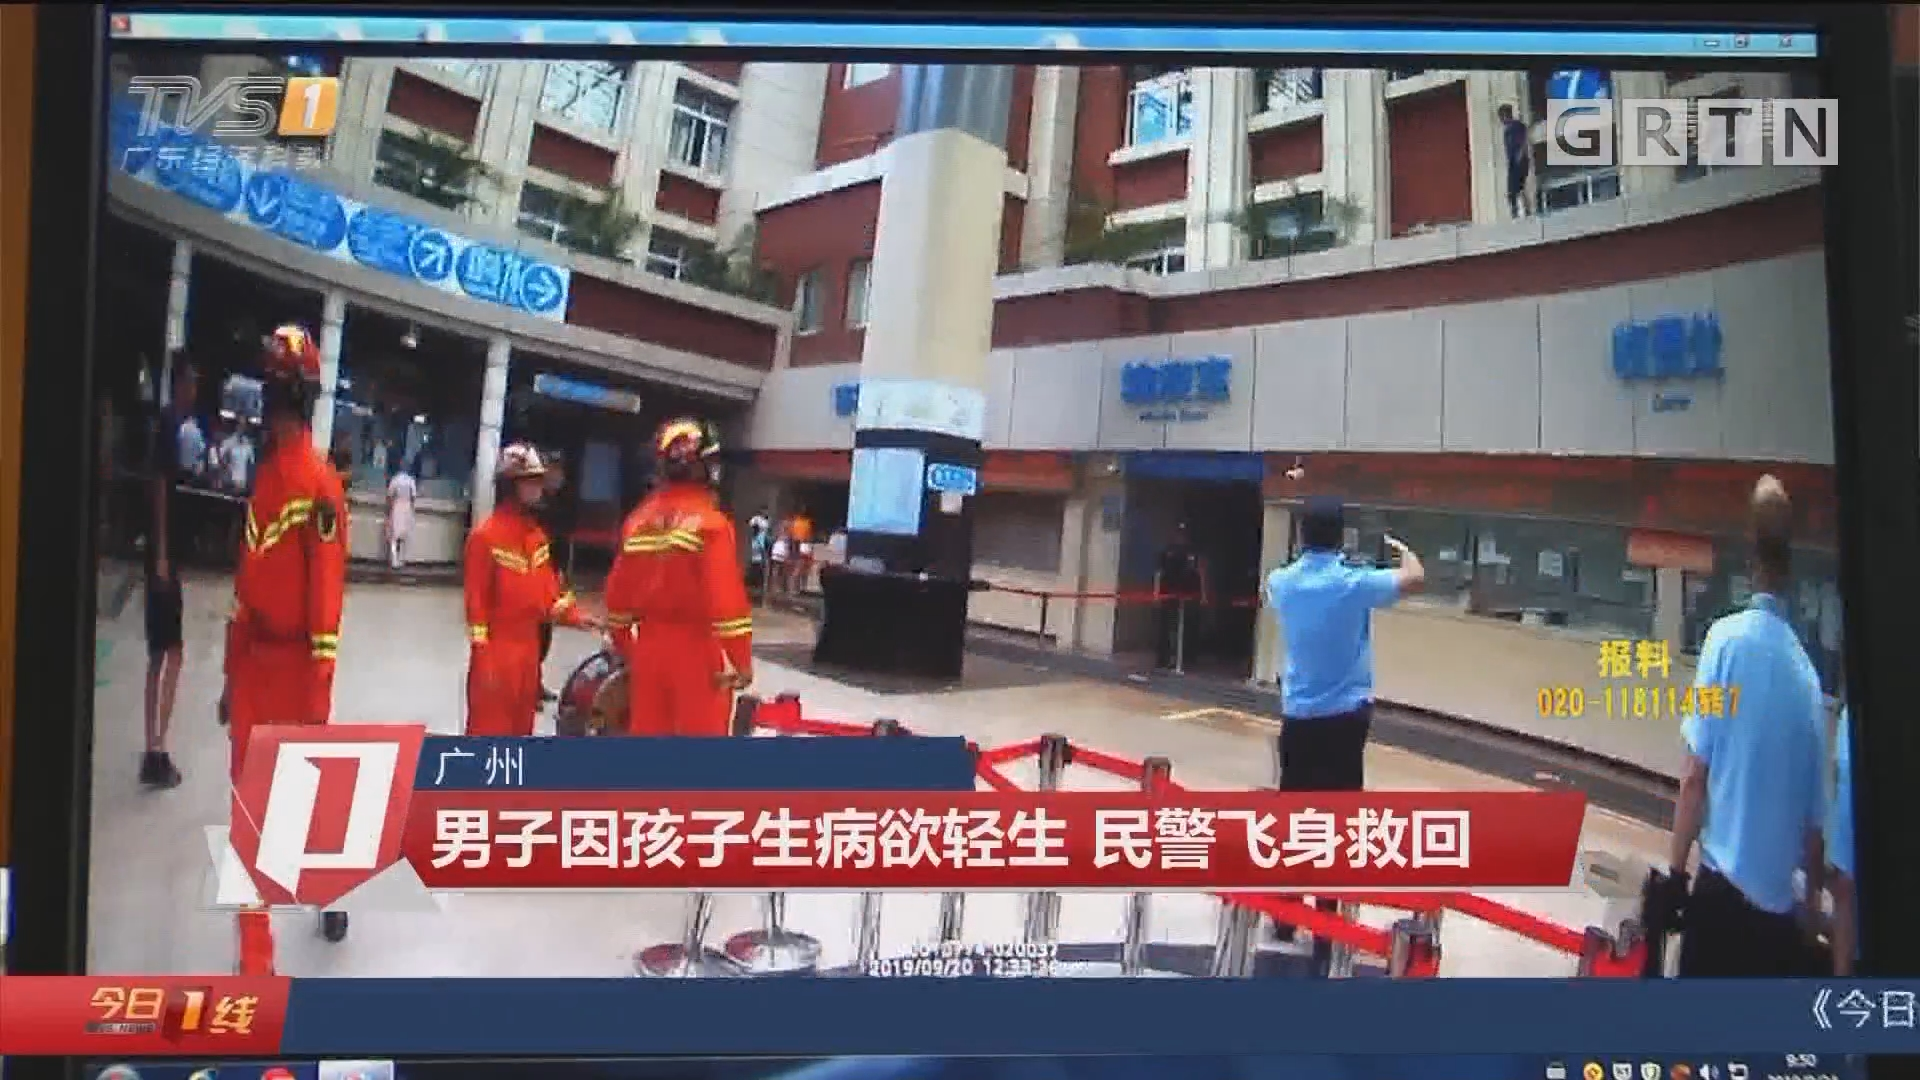 广州:男子因孩子生病欲轻生 民警飞身救回